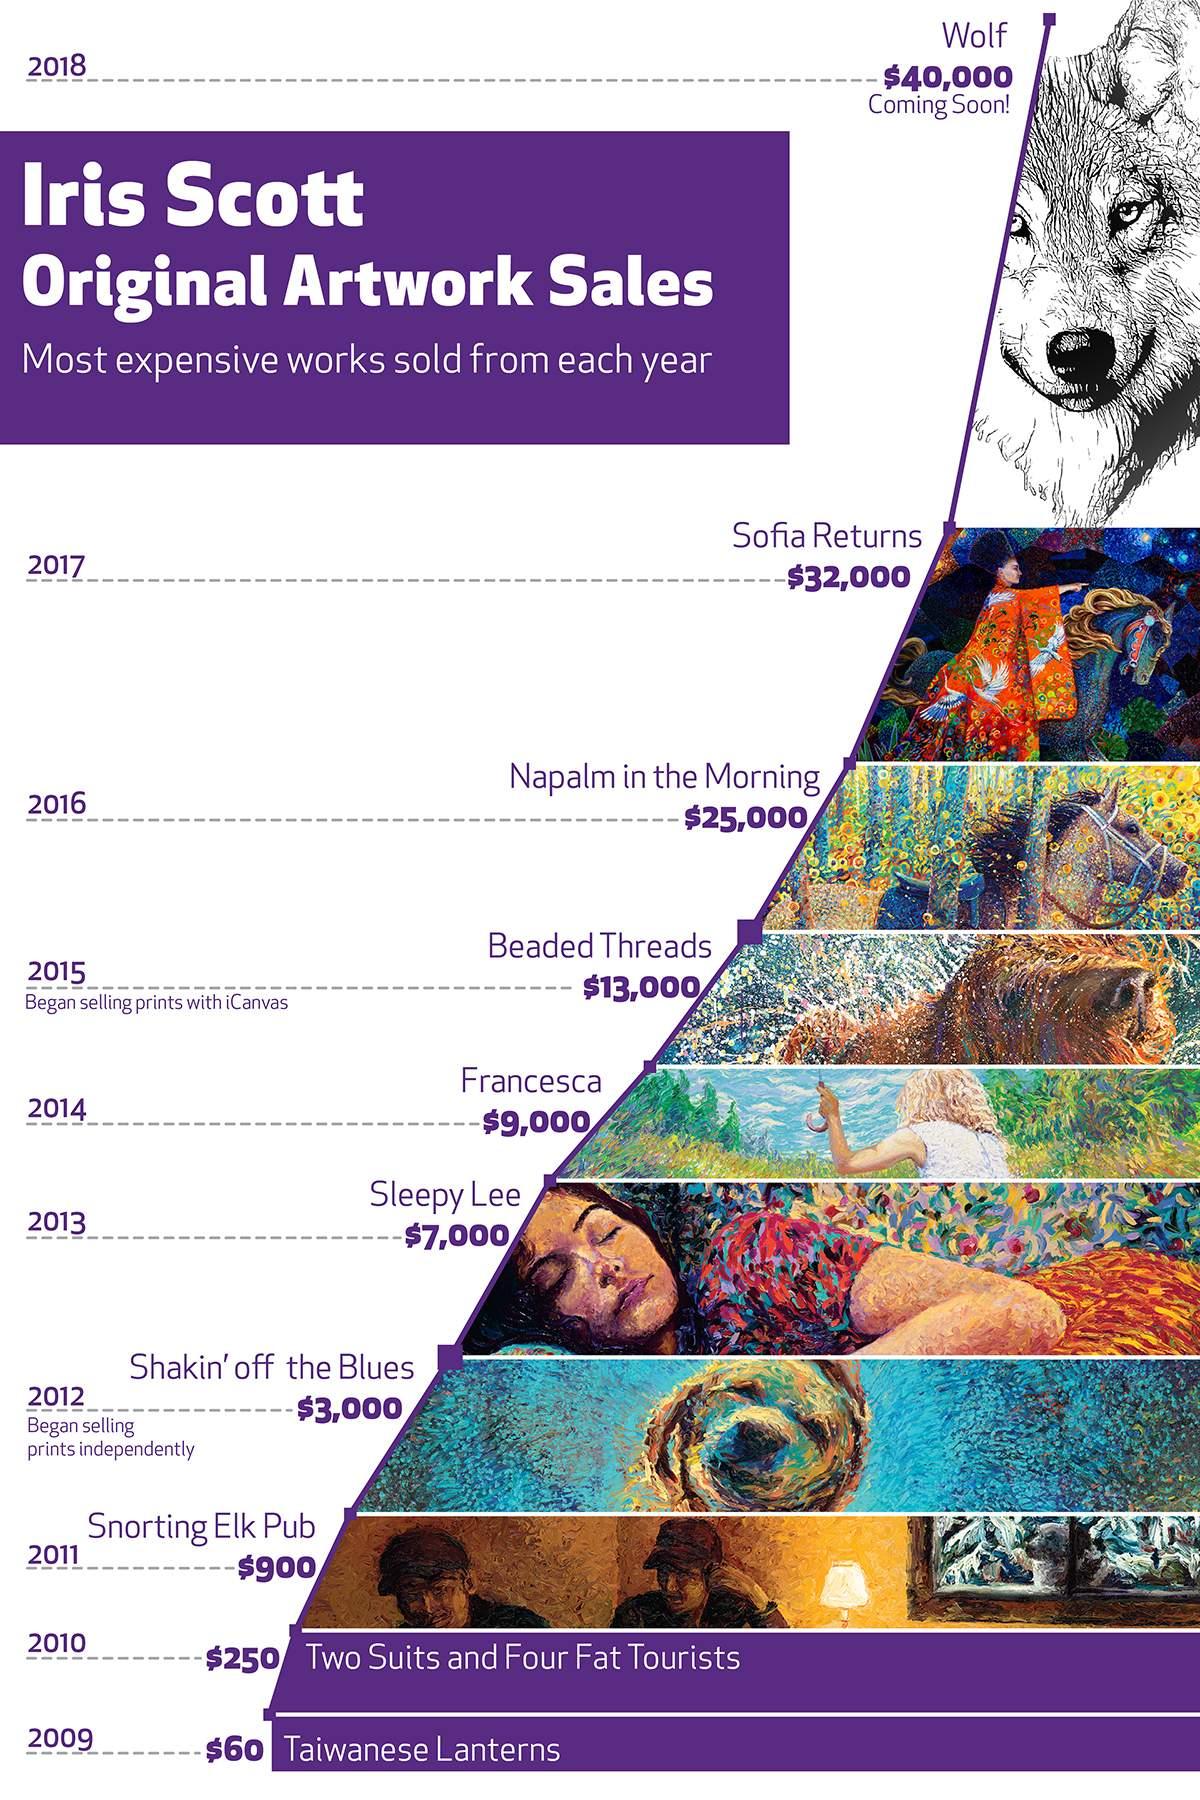 Iris Scott Original Artwork Sales Growth